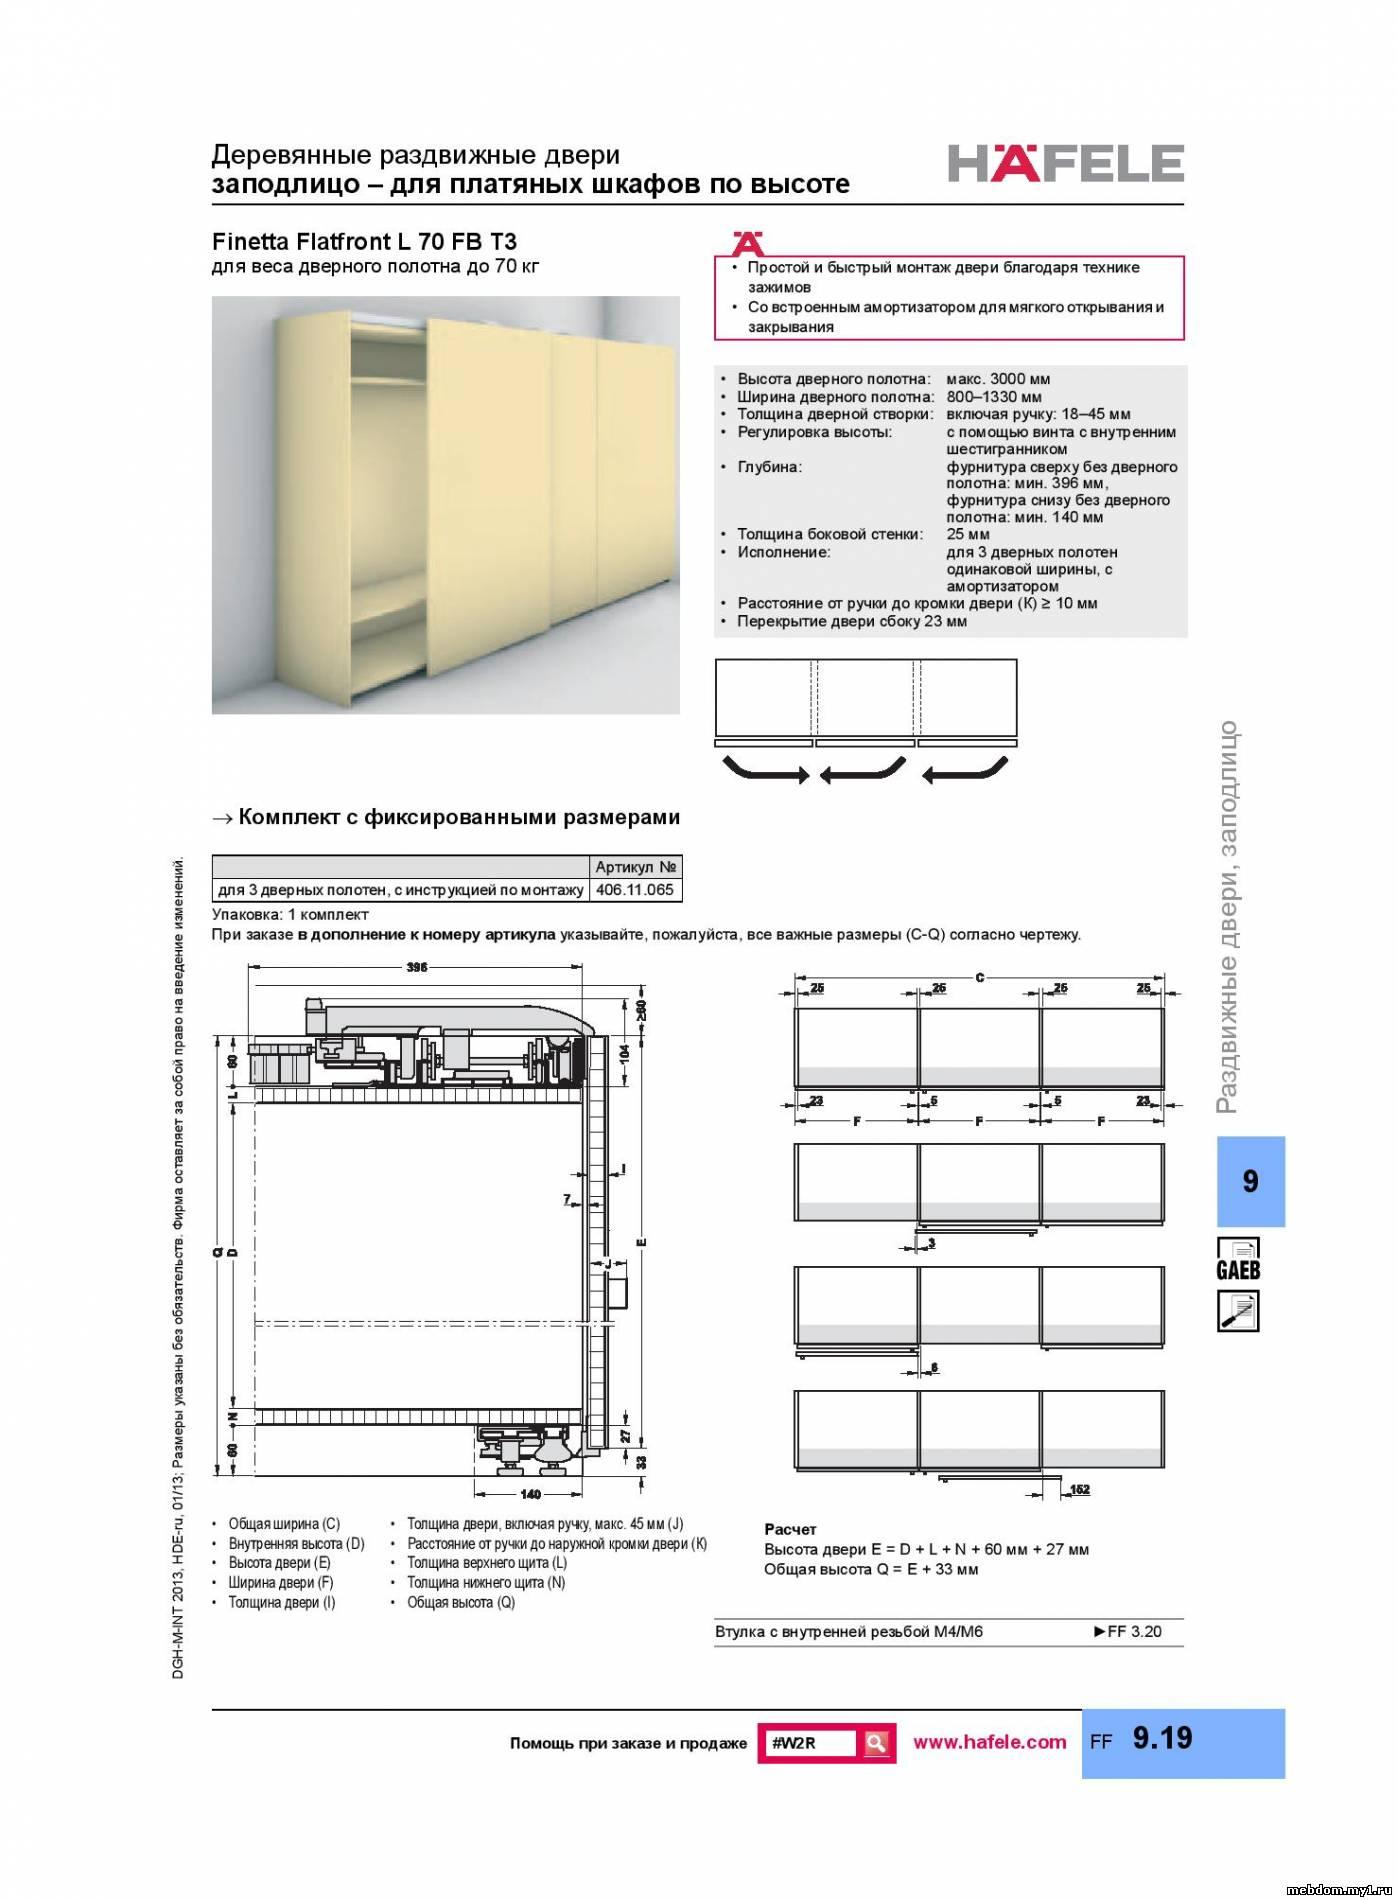 Раздвижные двери схема установки